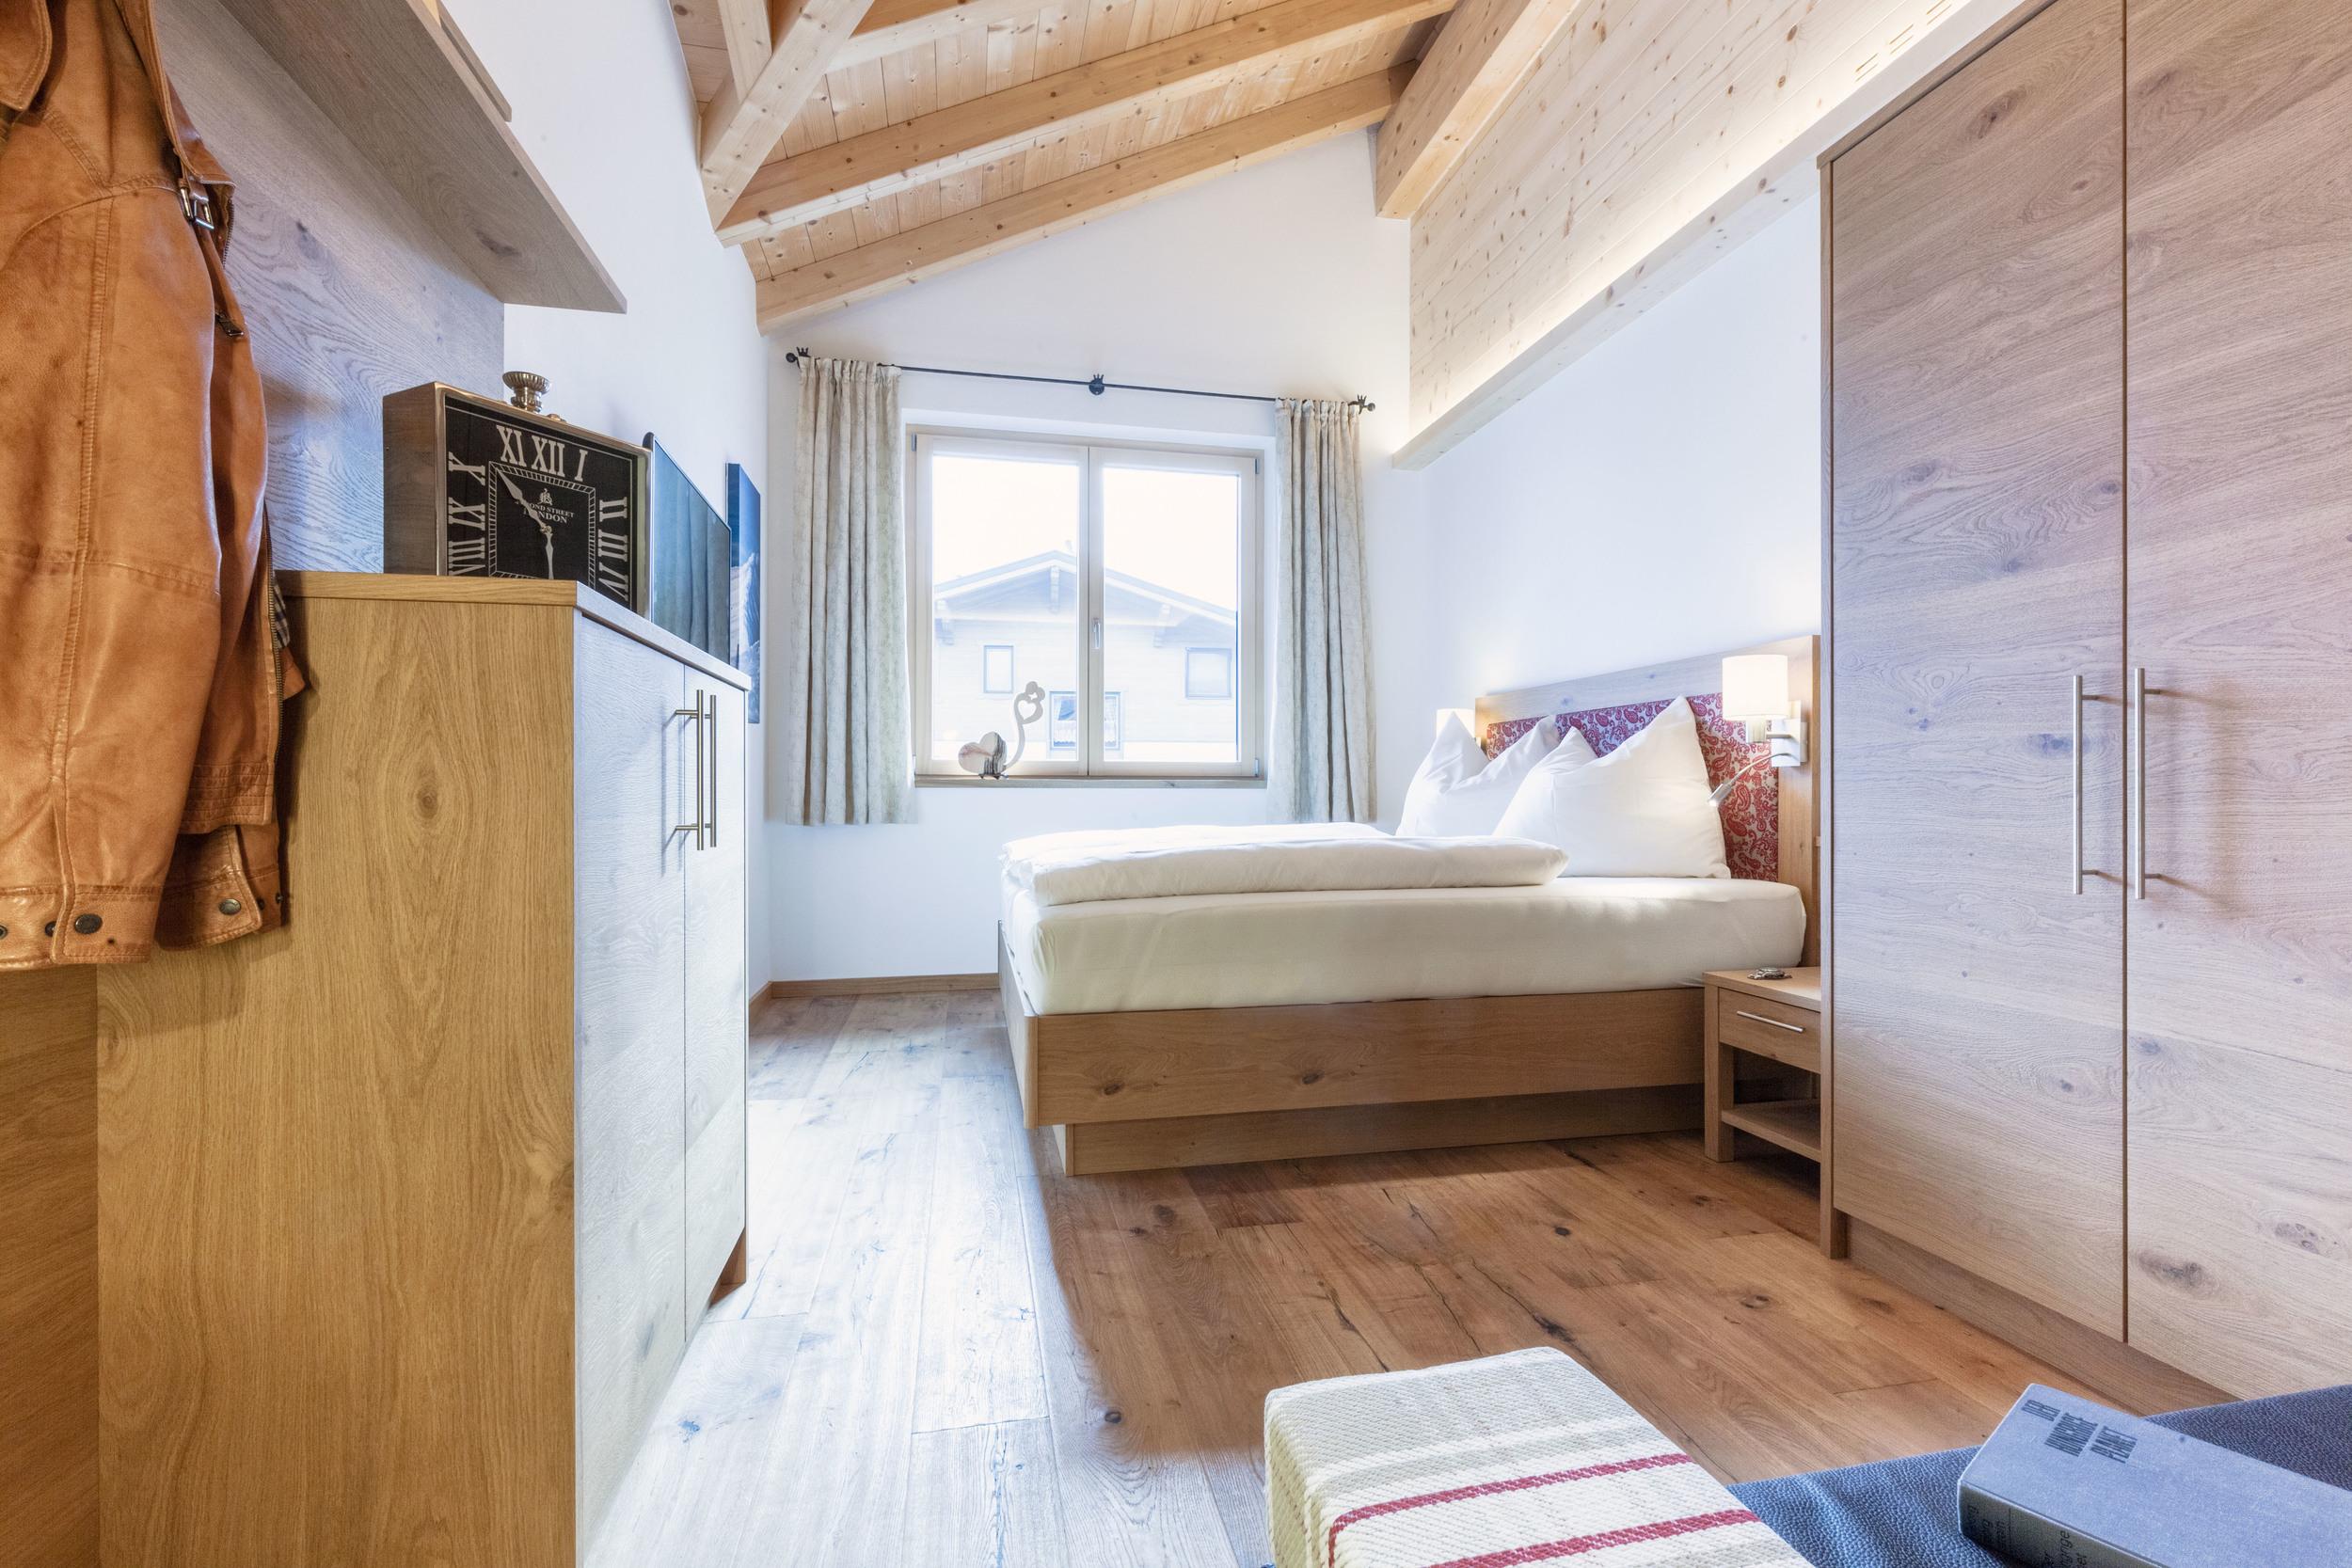 appartement-suites-liana-sophie-neukirchen-haus-innen-schlafzimmer-massivholz